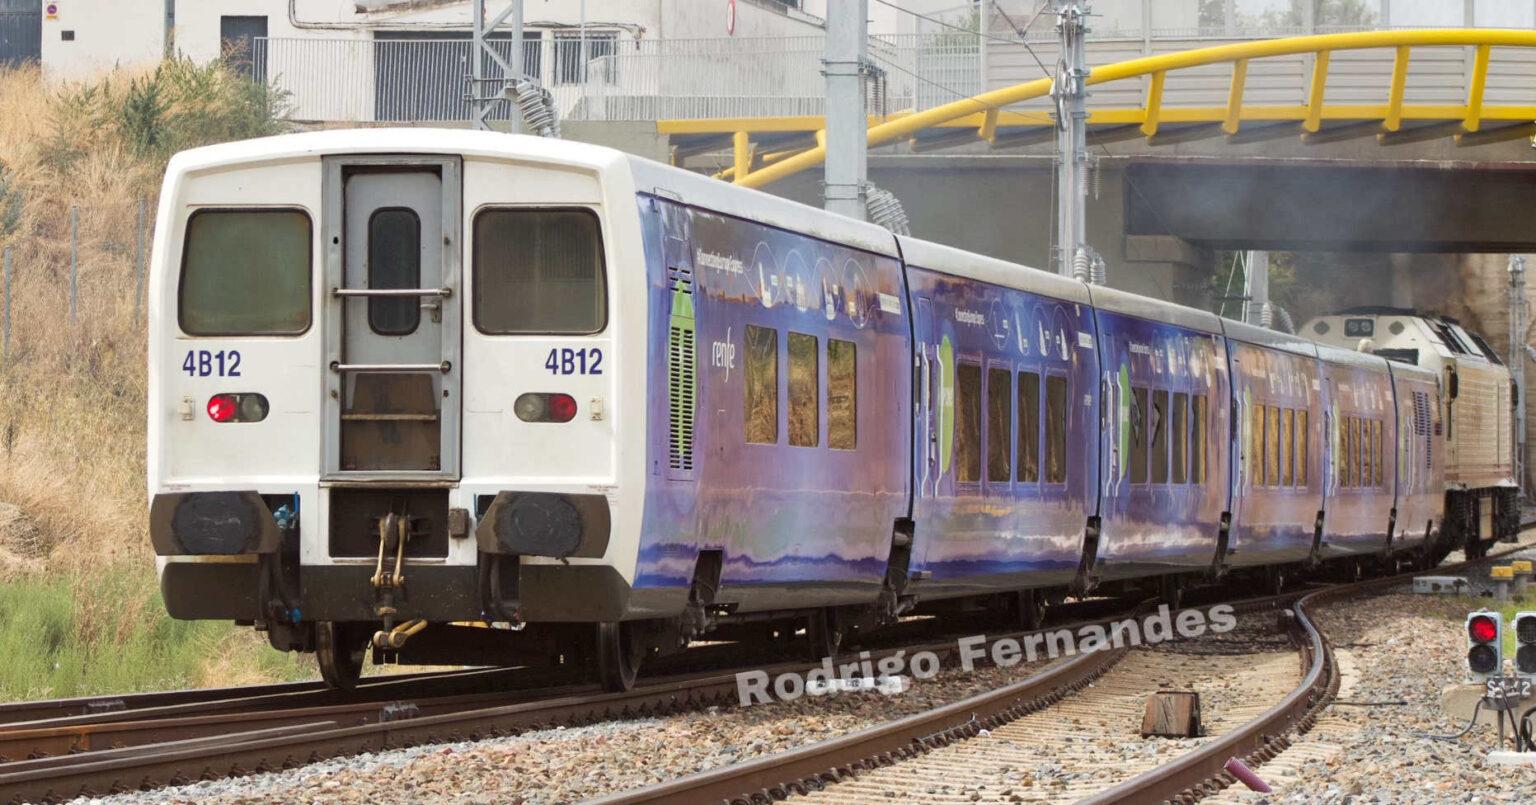 El tren Connecting Europe Express durante su traslado entre Las Matas y Lisboa. © RODRIGO FERNANDES